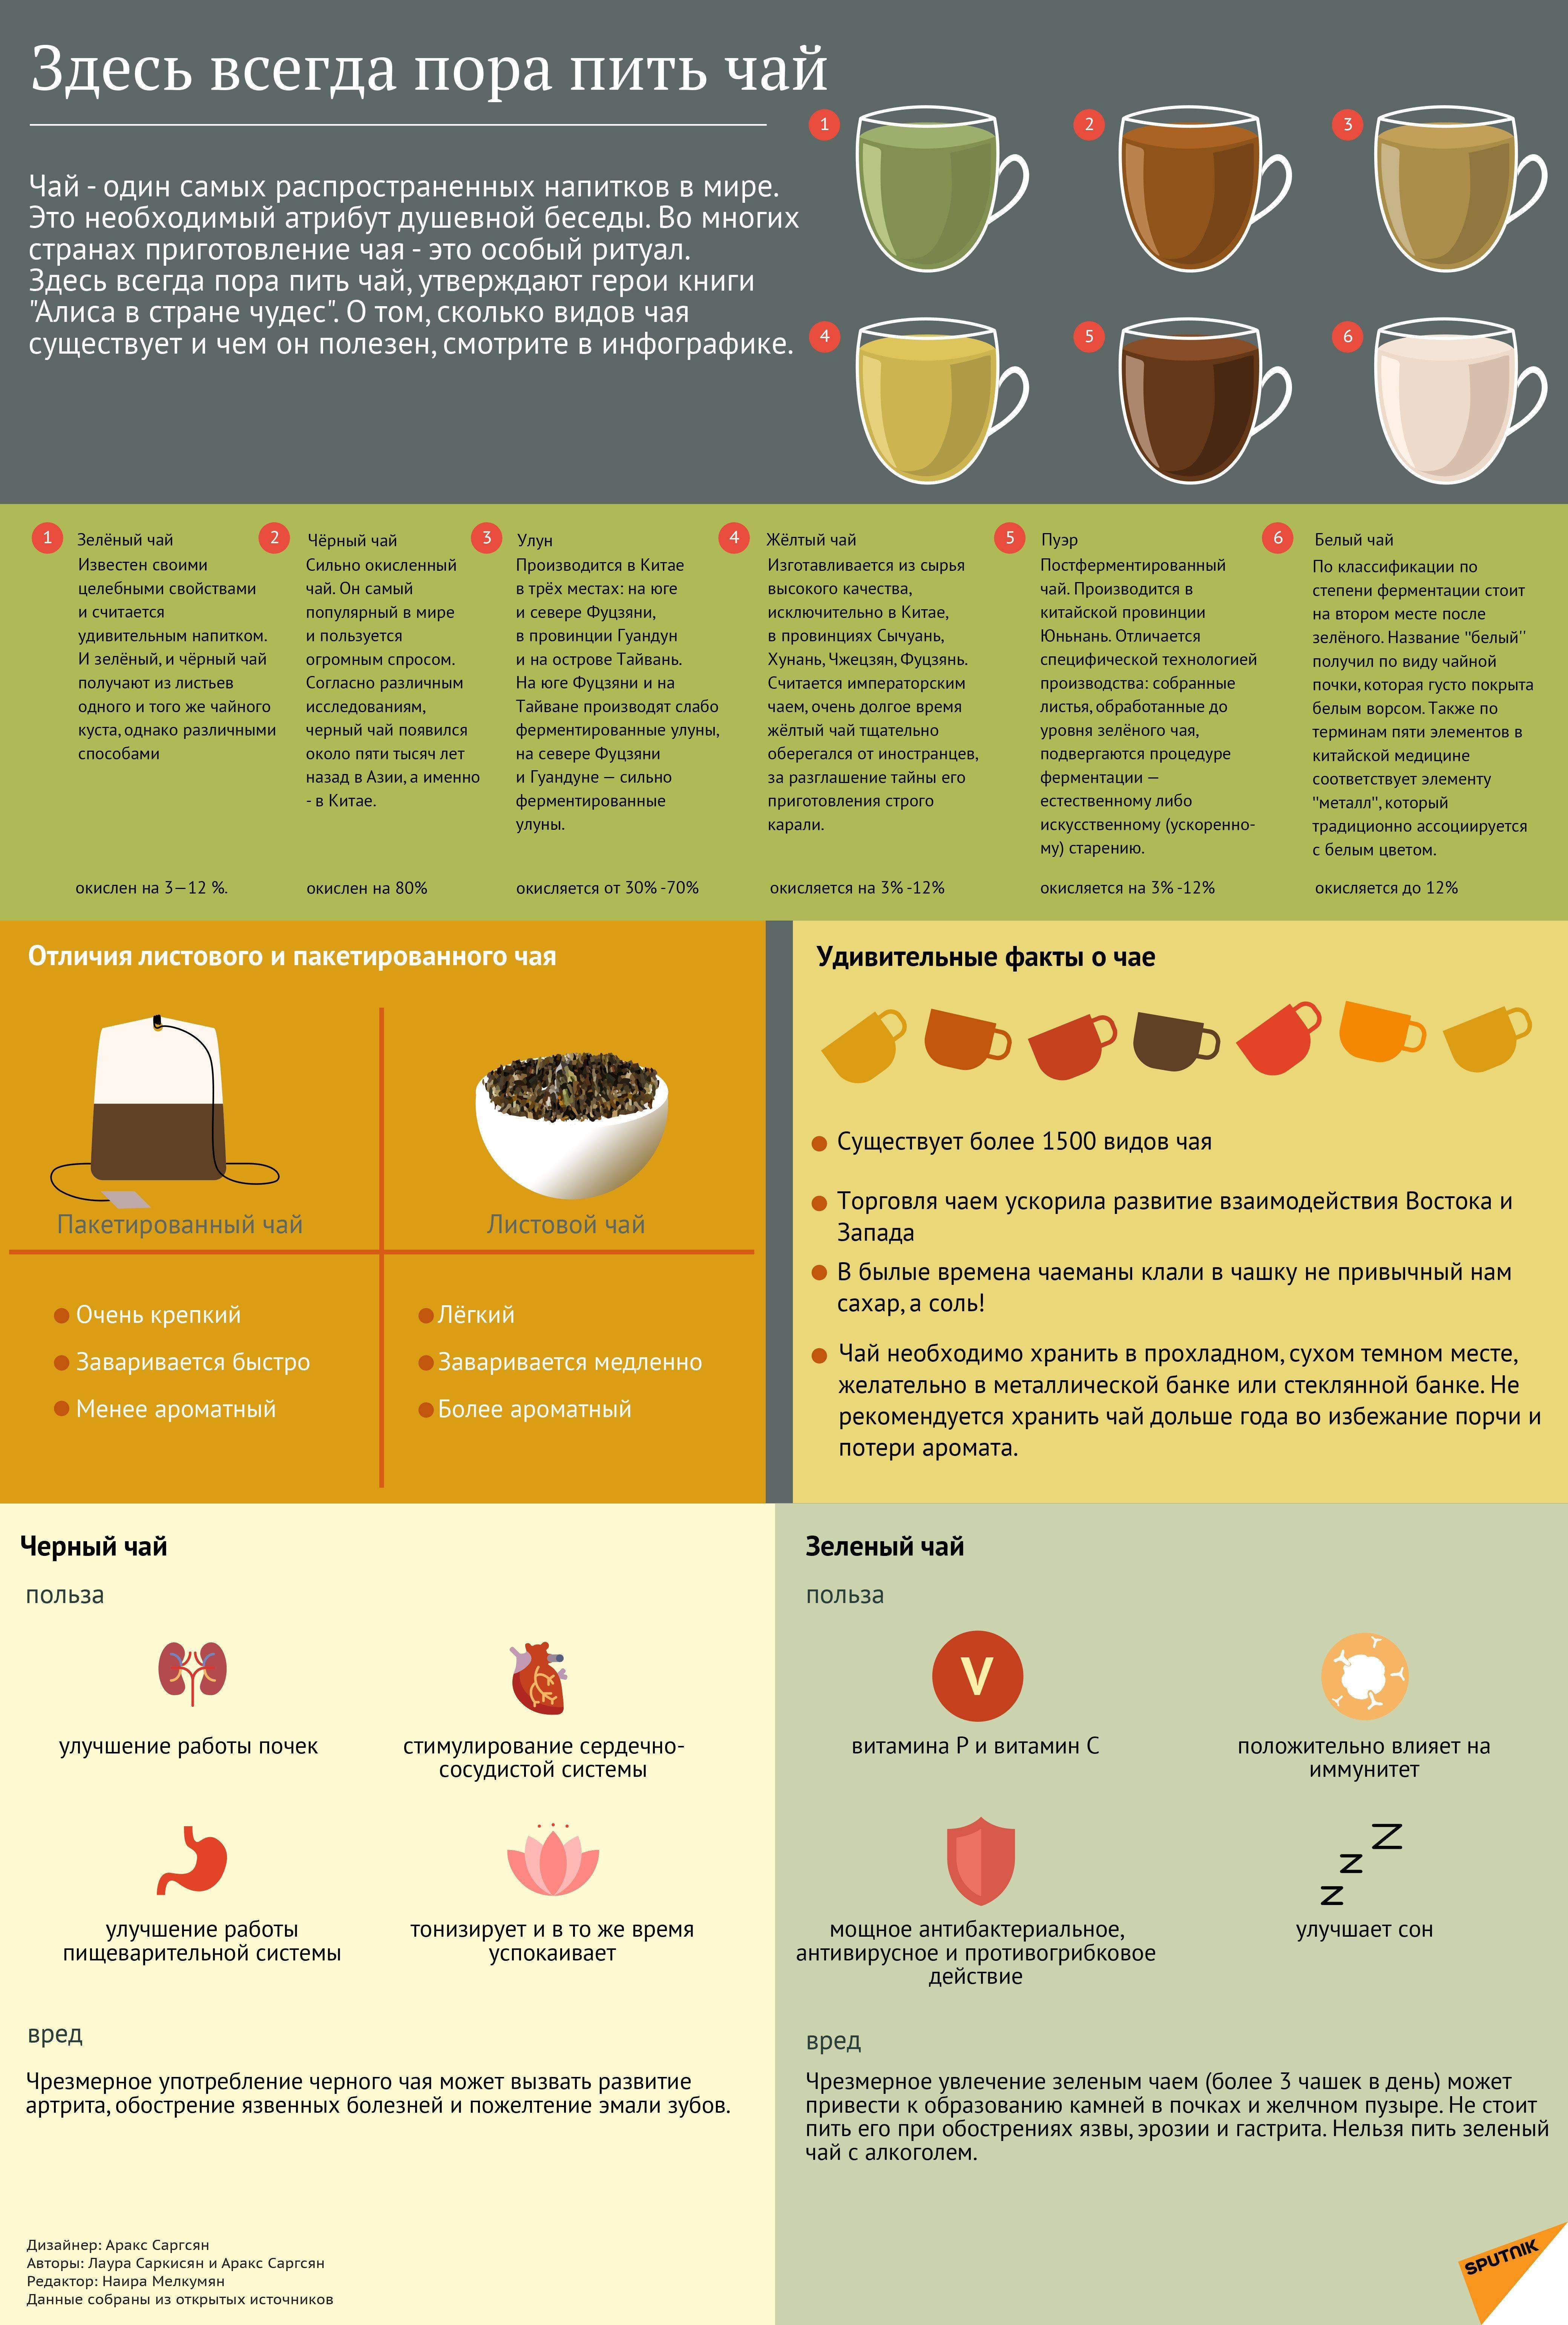 13 лучших сортов чая